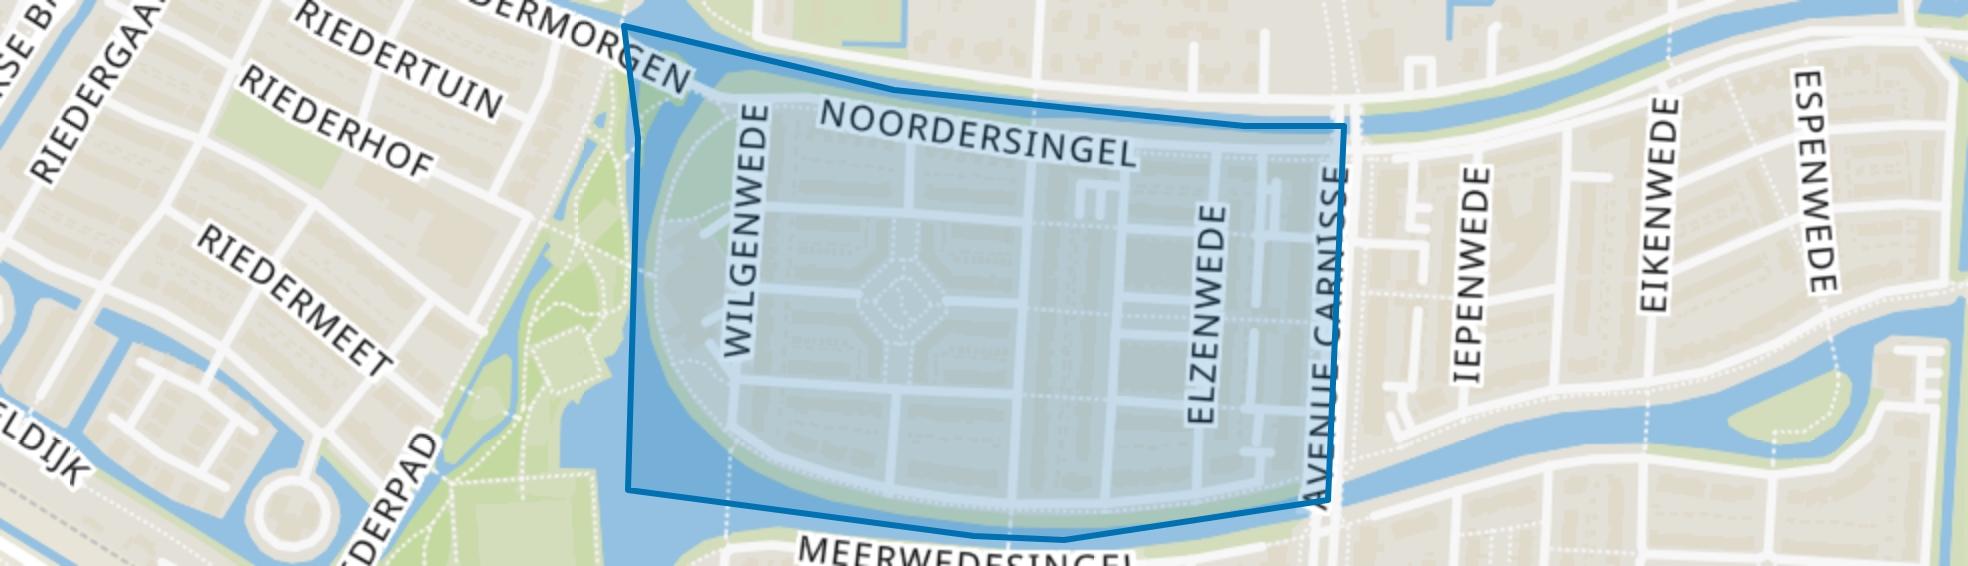 Meerwede Noordwest, Barendrecht map